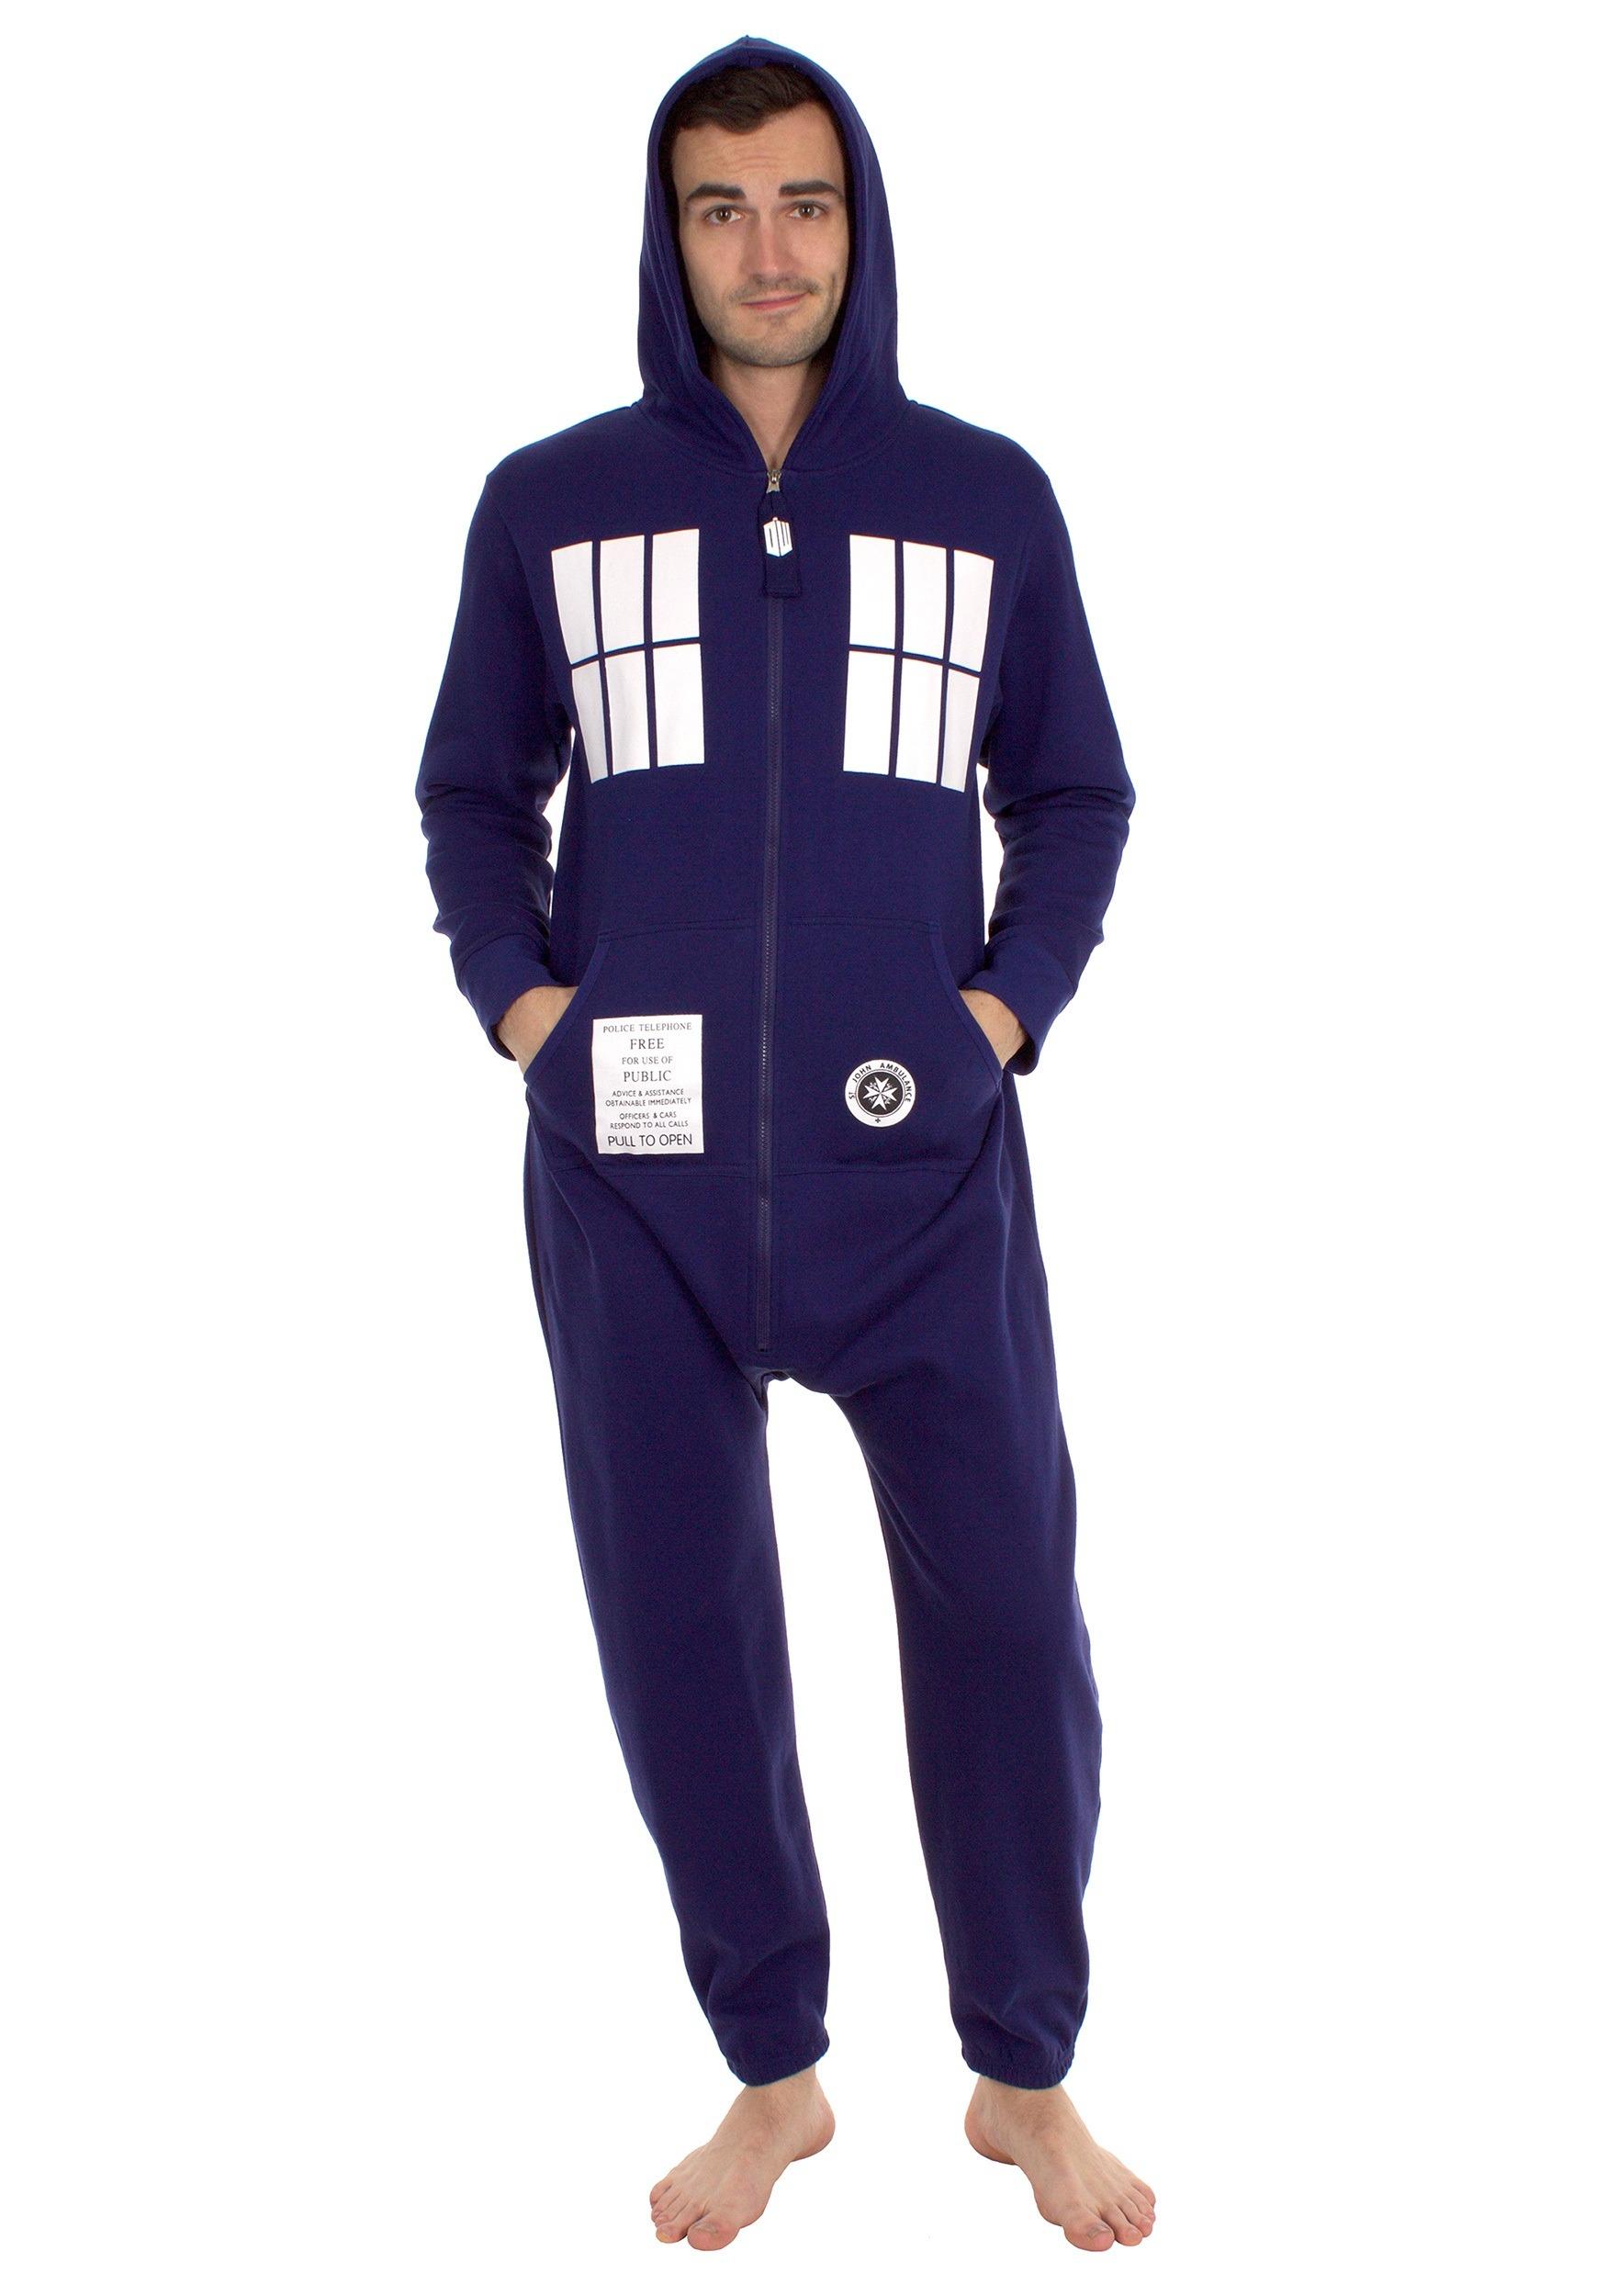 Doctor Who TARDIS Onesie Pajama  sc 1 st  Halloween Costumes & Doctor Who Costumes - HalloweenCostumes.com